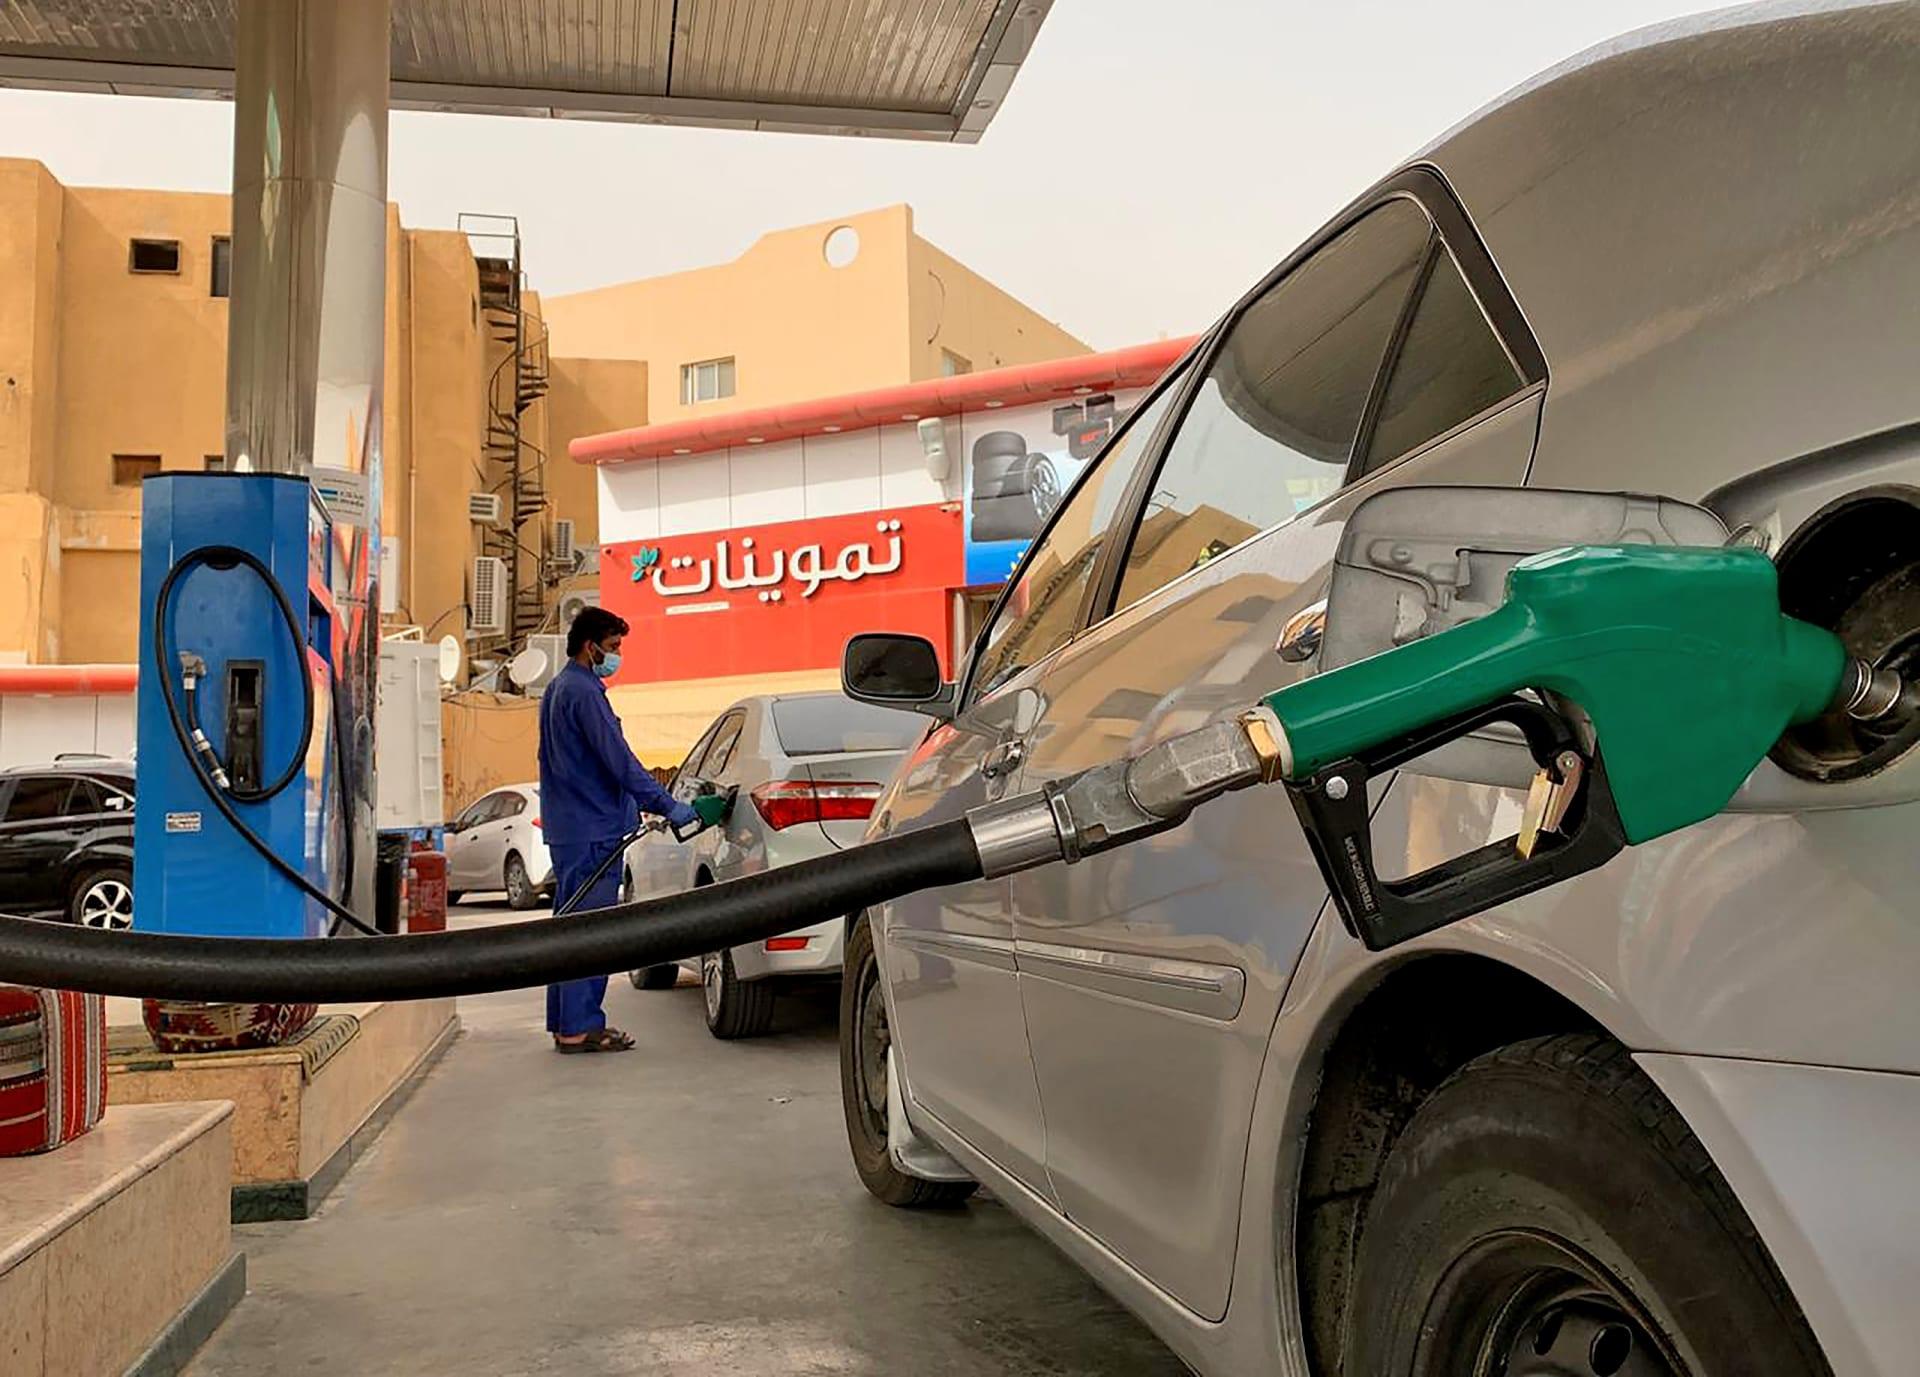 عامل بمحطة وقود يعيد تعبئة سيارة في محطة بالعاصمة السعودية الرياض في 11 مايو 2020.